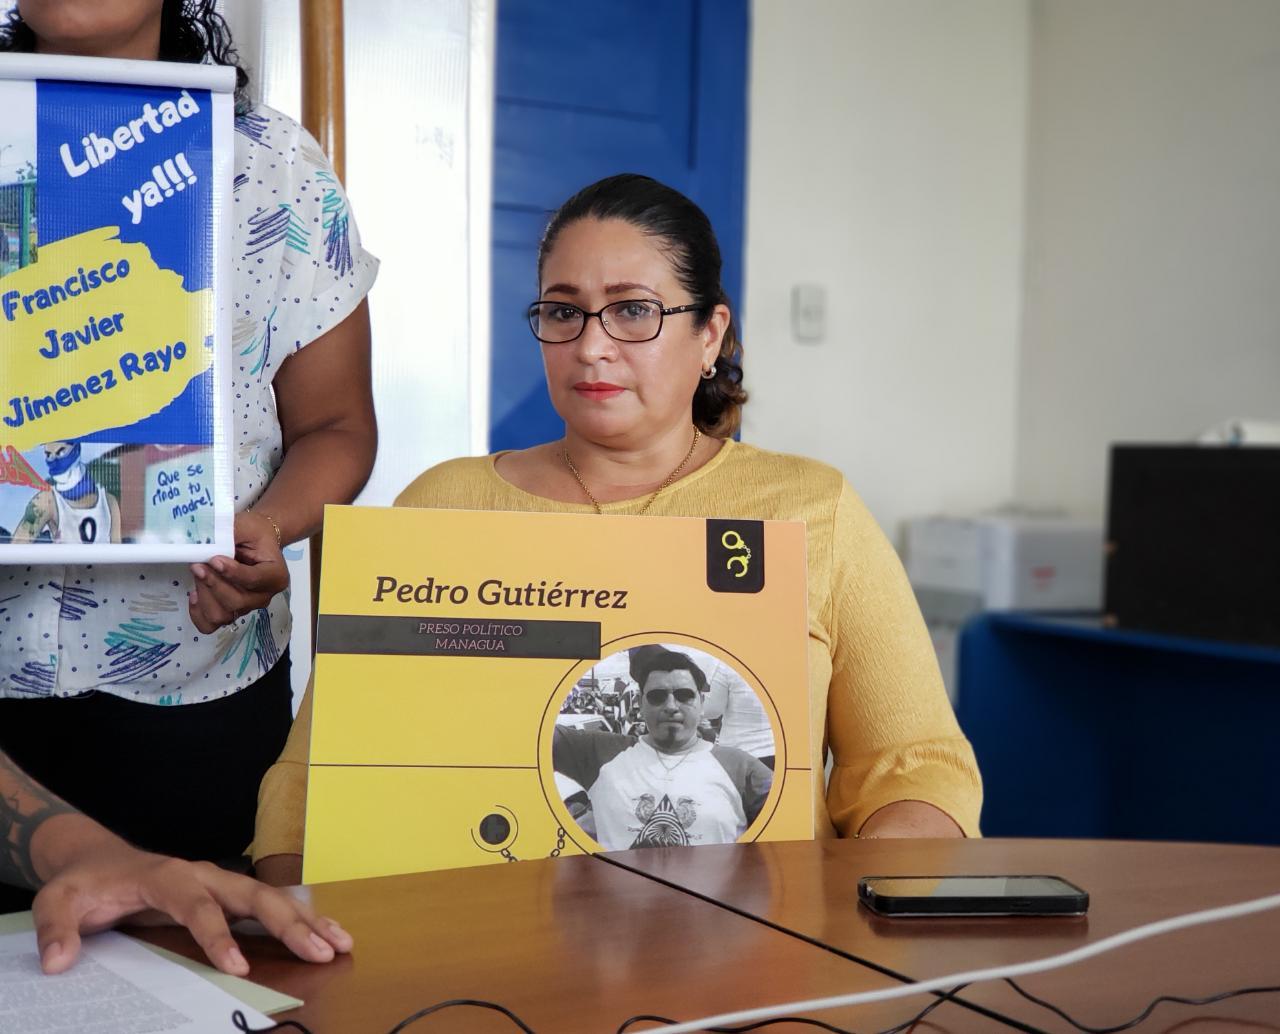 Verónica Ordoñez, esposa de Pedro Gutiérrez denunció ante la CPDH que el prisionero político está siendo sometido a maltrato y que le destruyeron su prótesis. Foto: G. Shiffman / Artículo 66